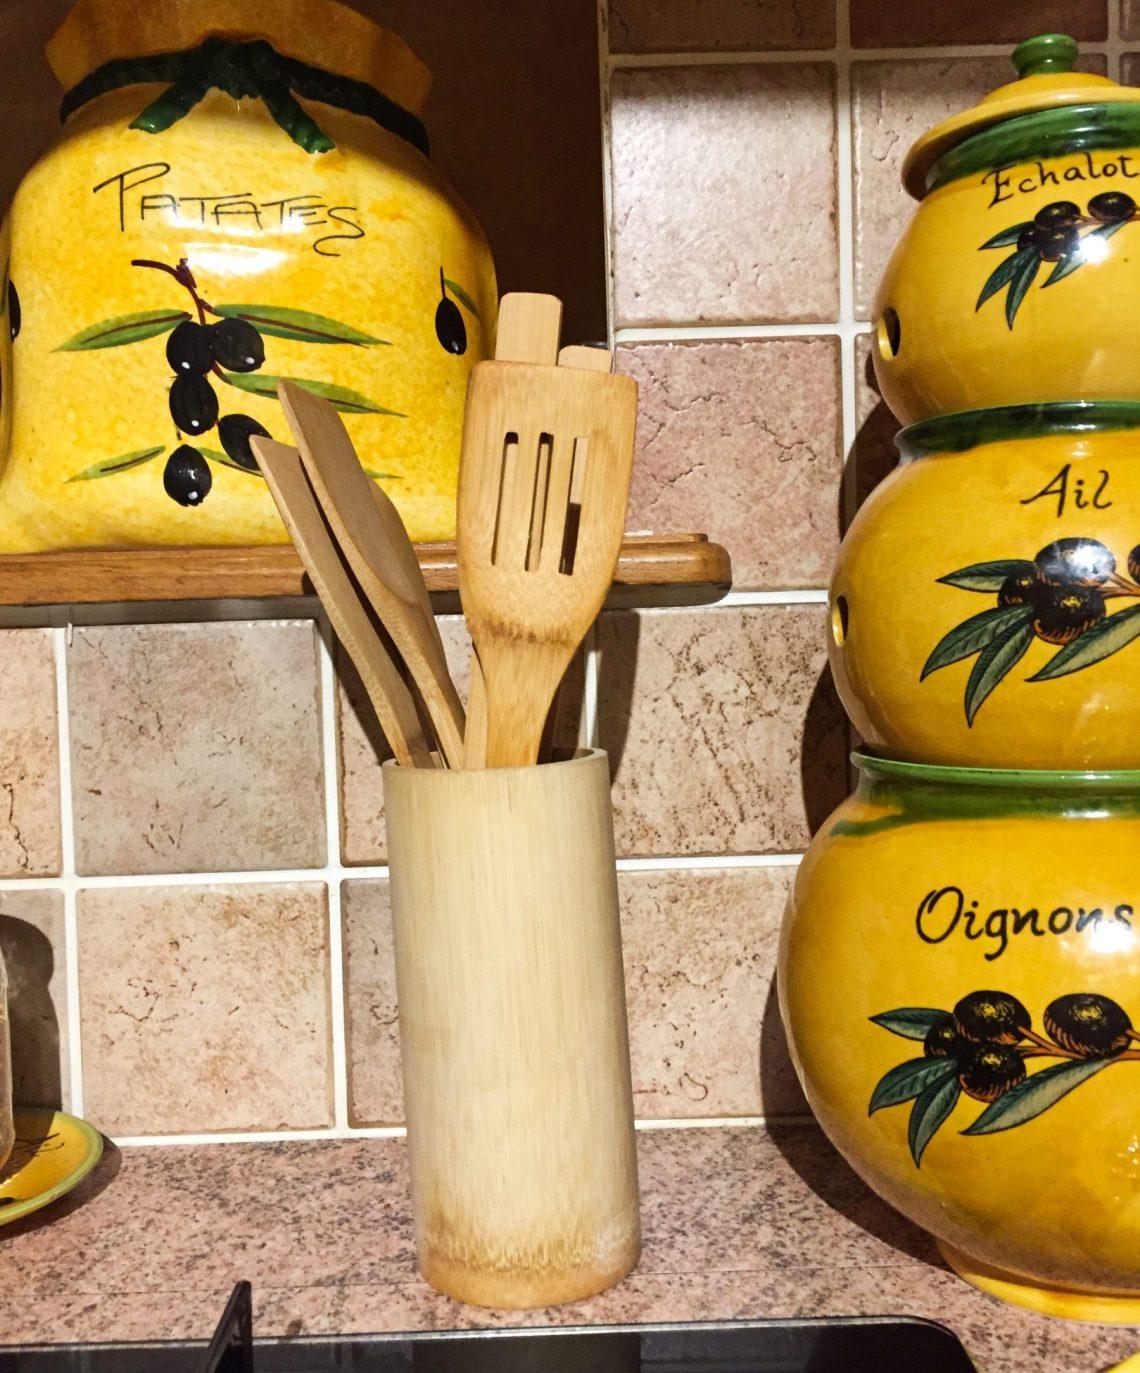 IMG 1555 - On a testé : Les ustensiles de cuisine en bambou Artecsis